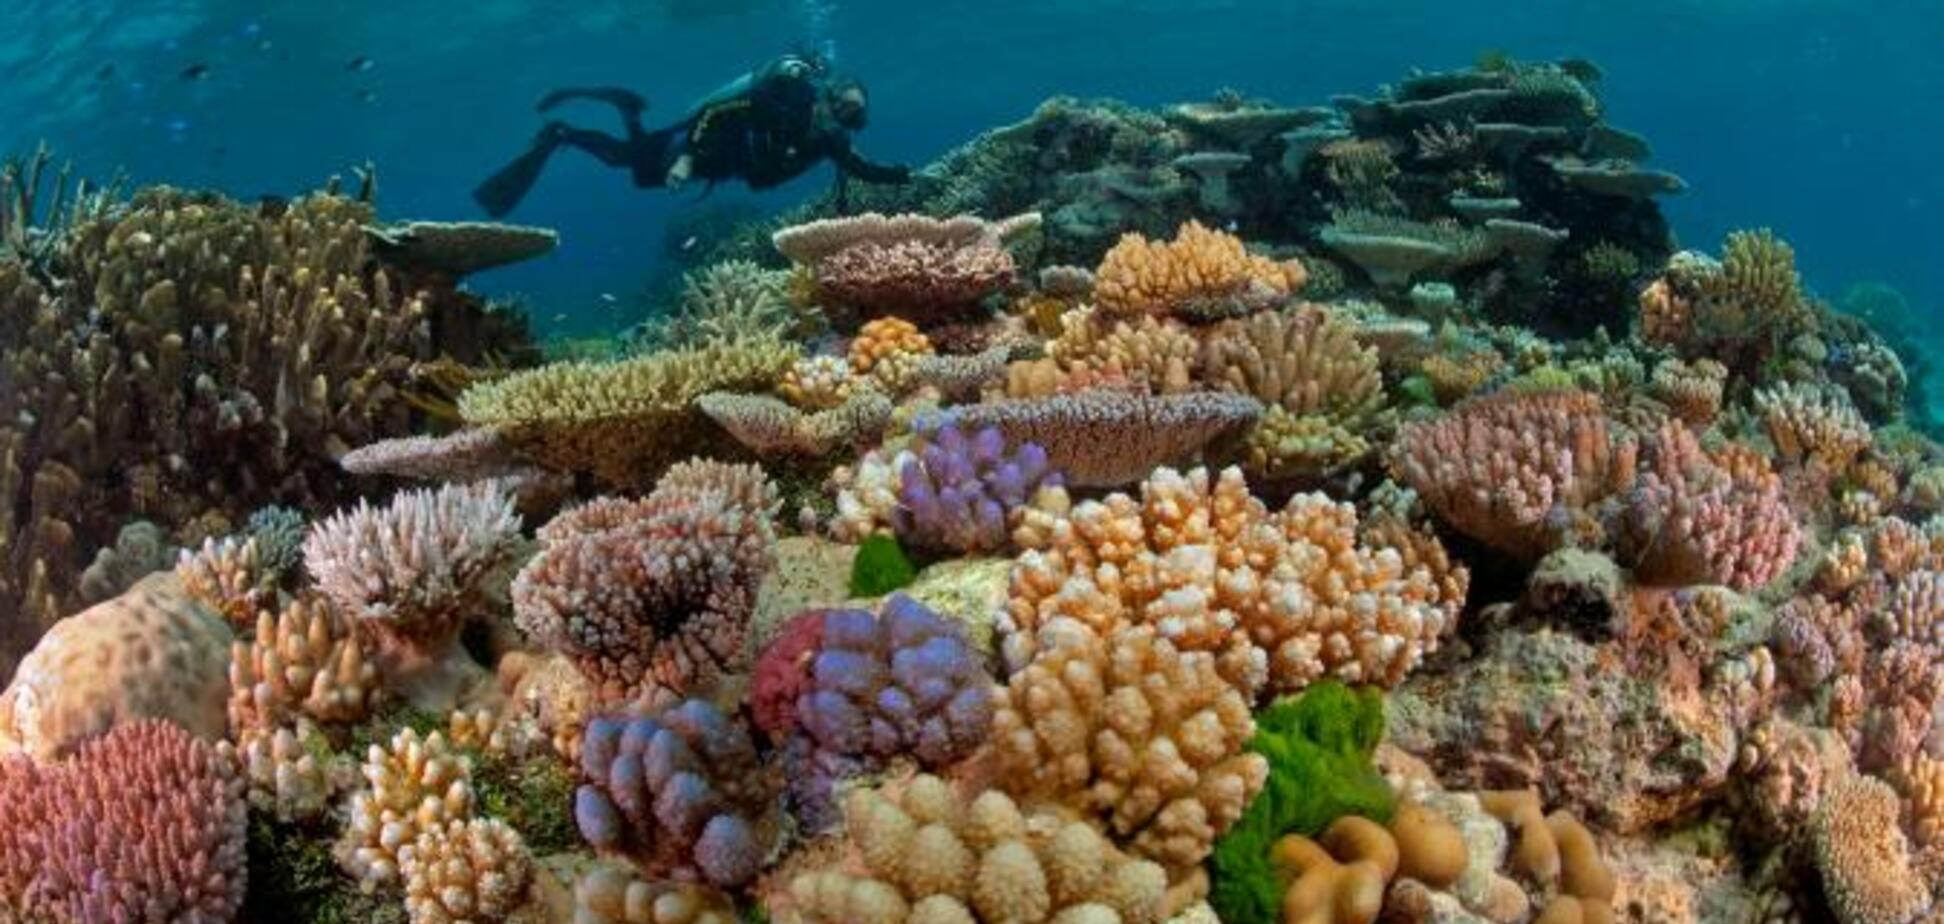 Коралловый риф: виды и интересные факты